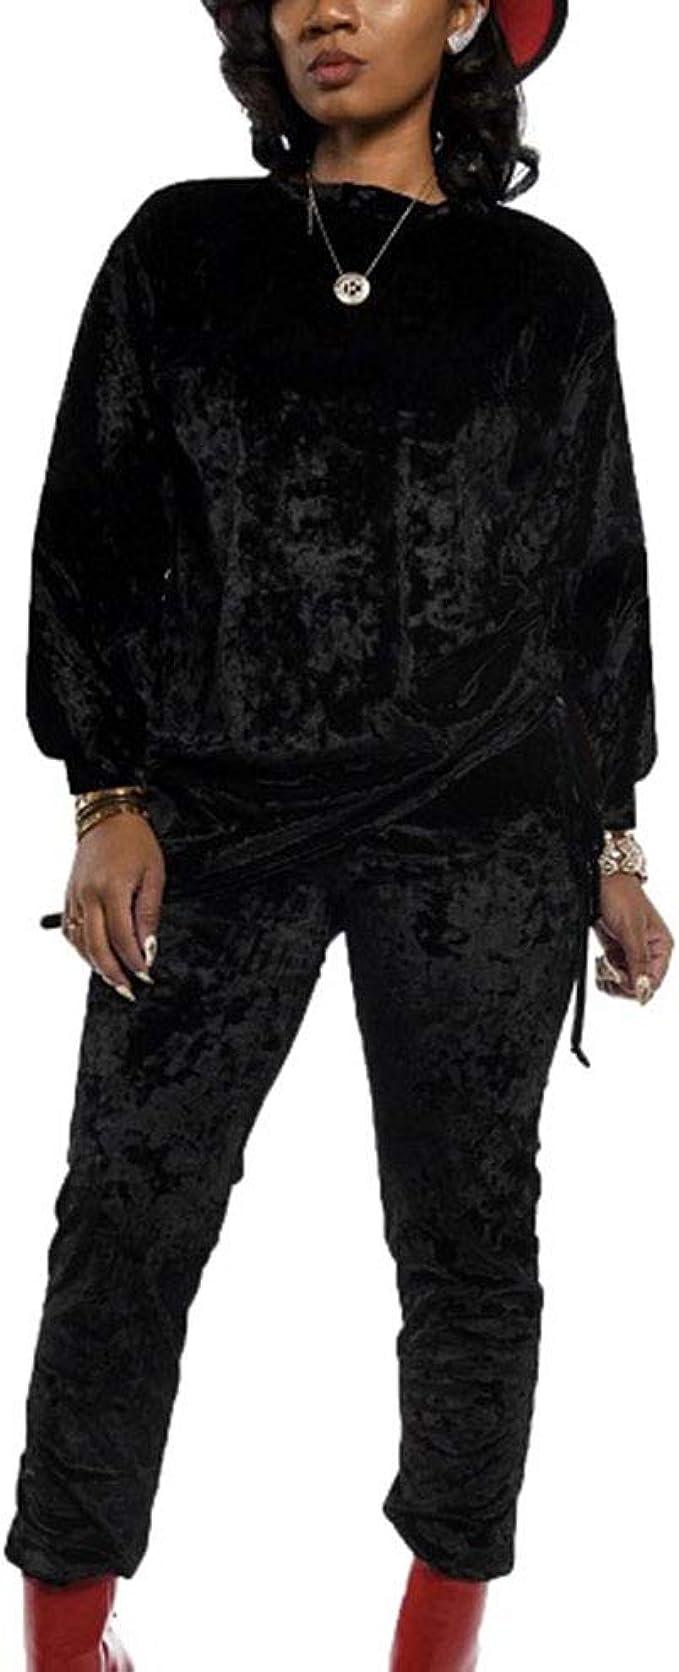 Chandal Conjunto Mujer - Invierno Otoño Casual Conjuntos Deportivos, Moda Manga Larga Camisa Blusa Tops + Pantalones Largo 2pcs Tallas Grandes: Amazon.es: Ropa y accesorios